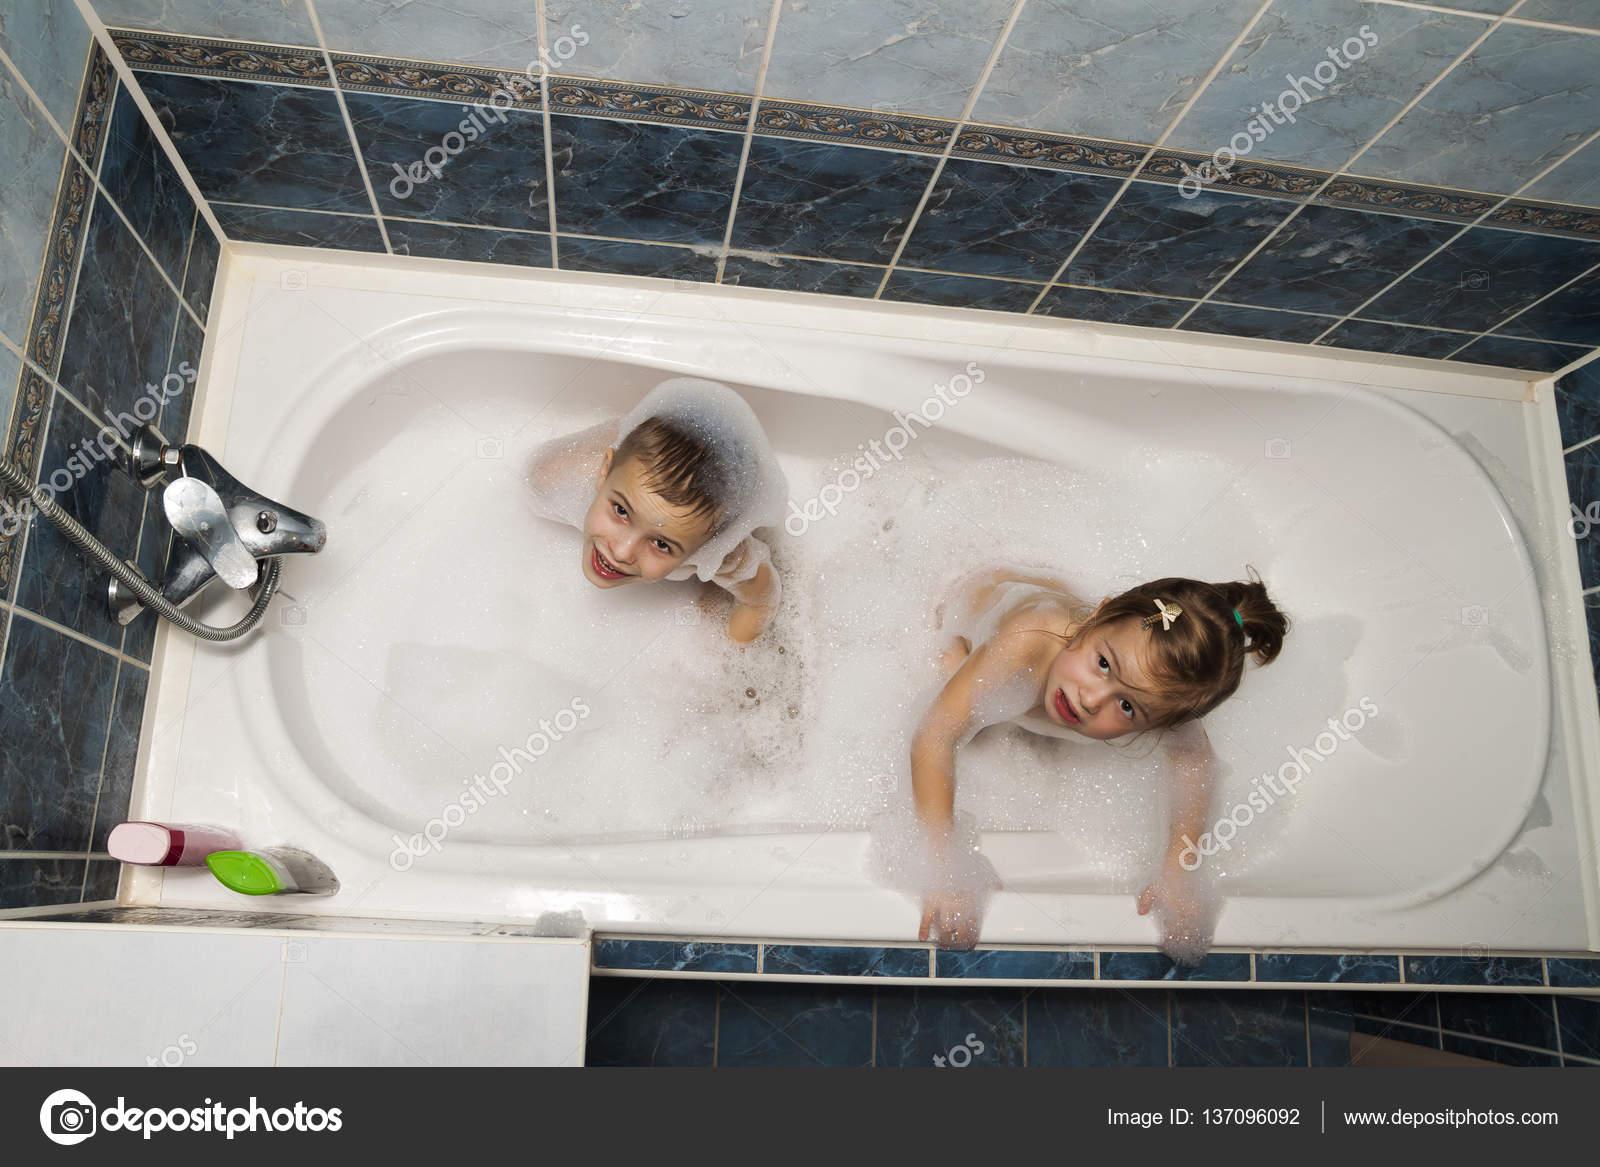 Сестра с братом купаются фото, Брат трахнул сестрицу в попку и другие порно фото 16 фотография